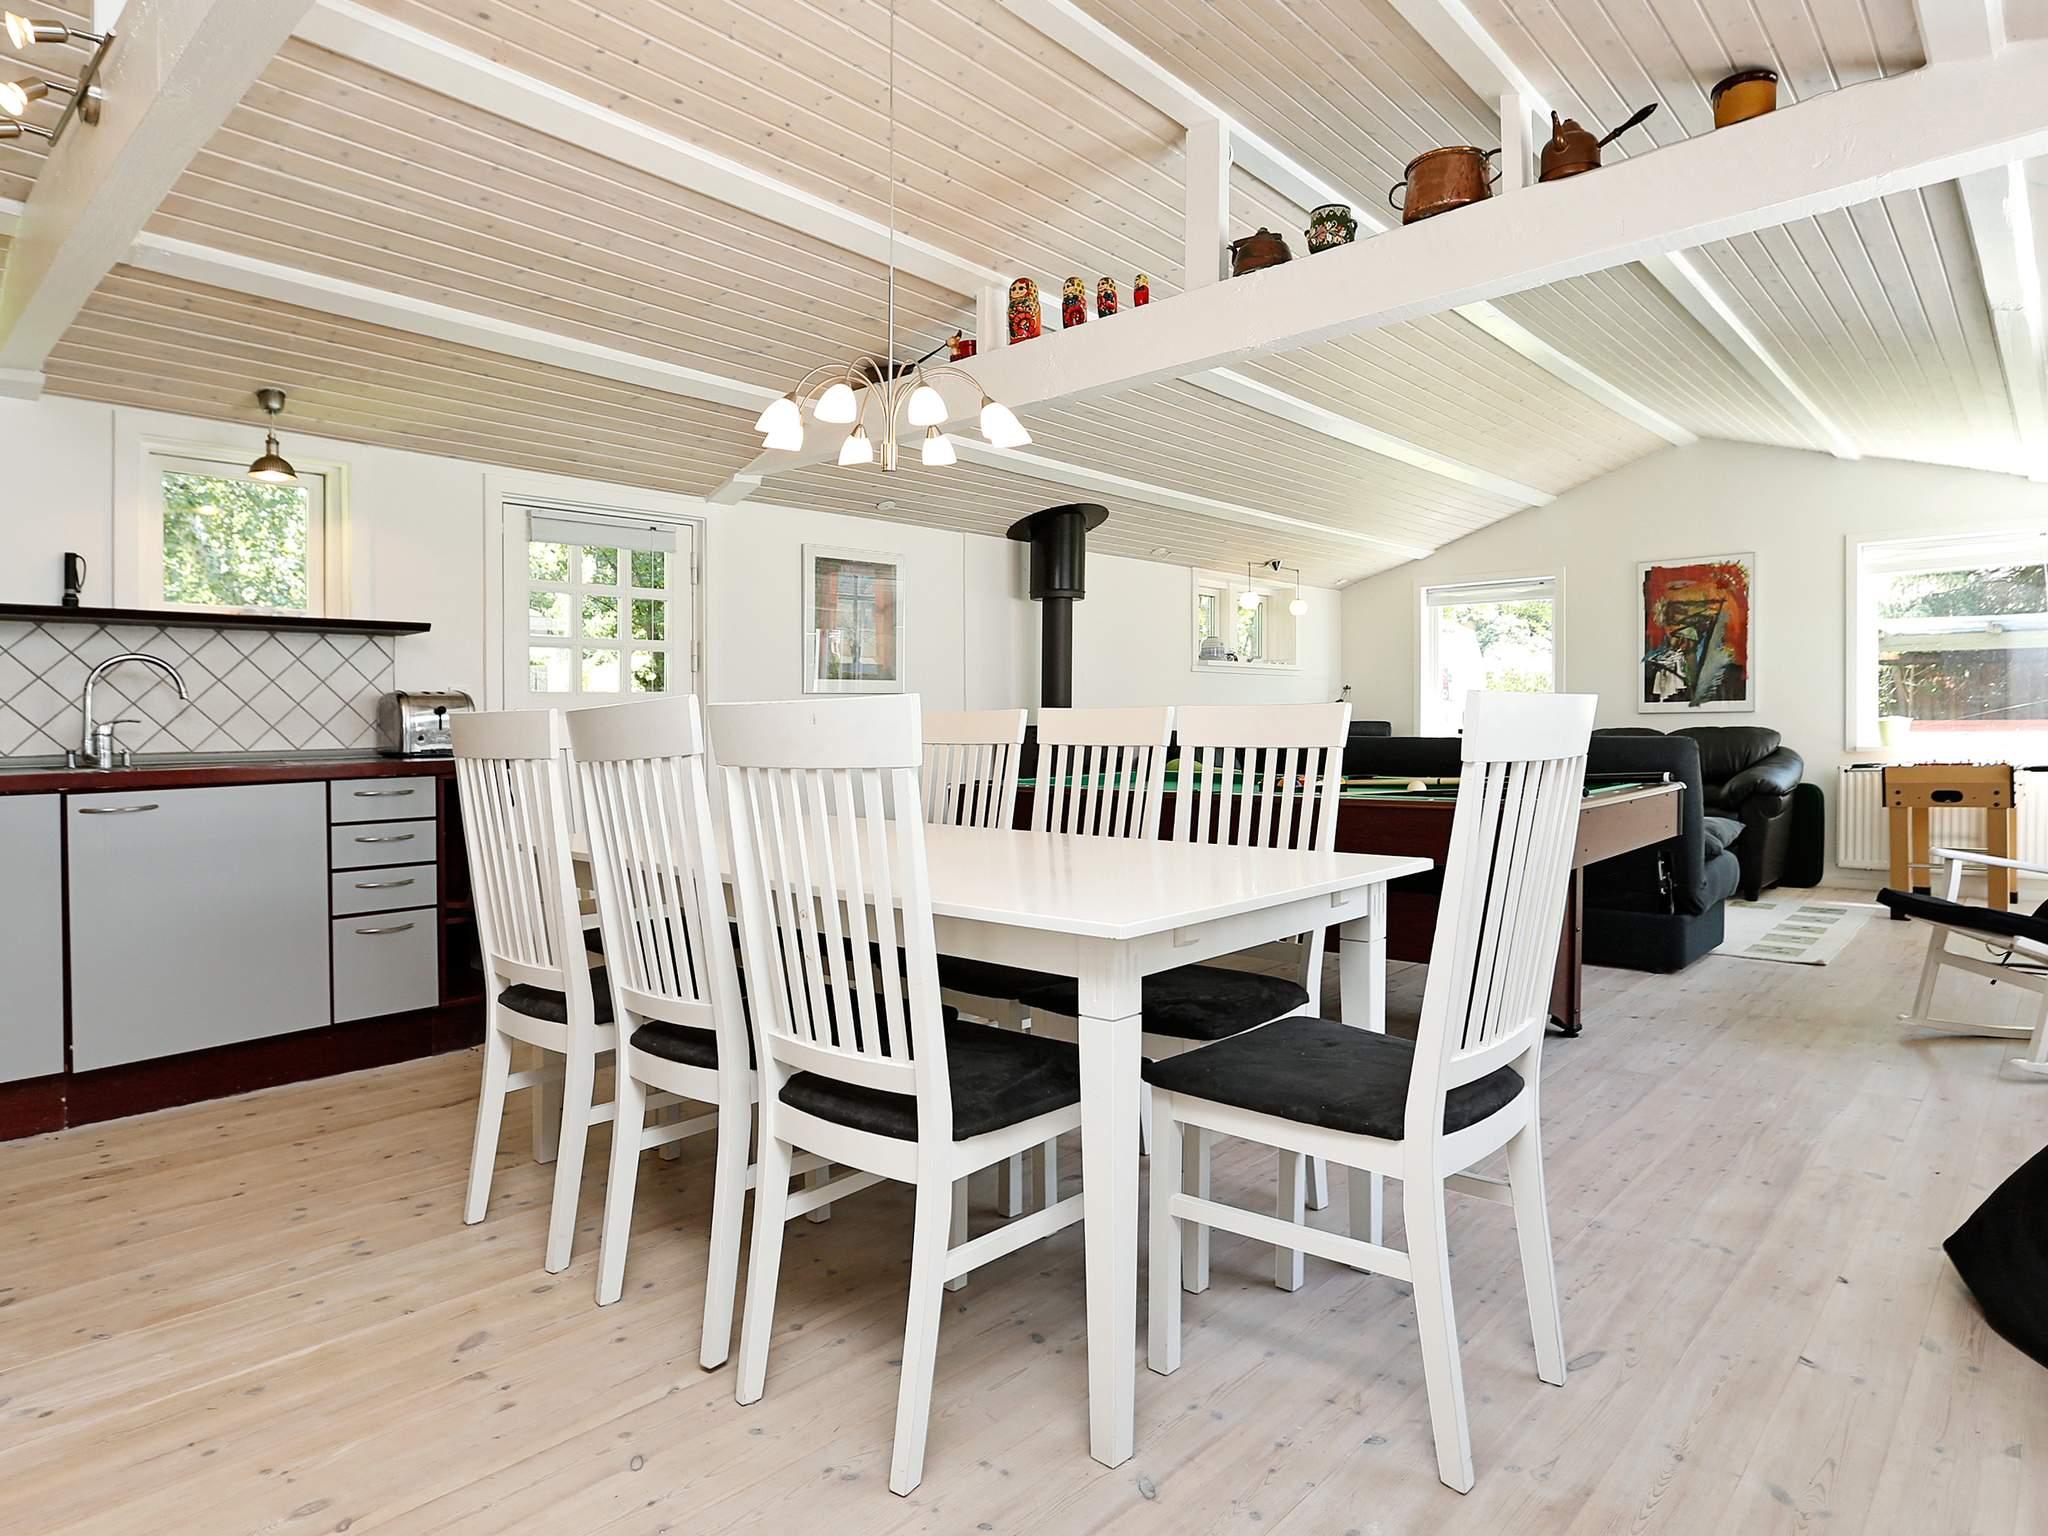 Ferienhaus Rågeleje (804324), Rågeleje, , Nordseeland, Dänemark, Bild 17